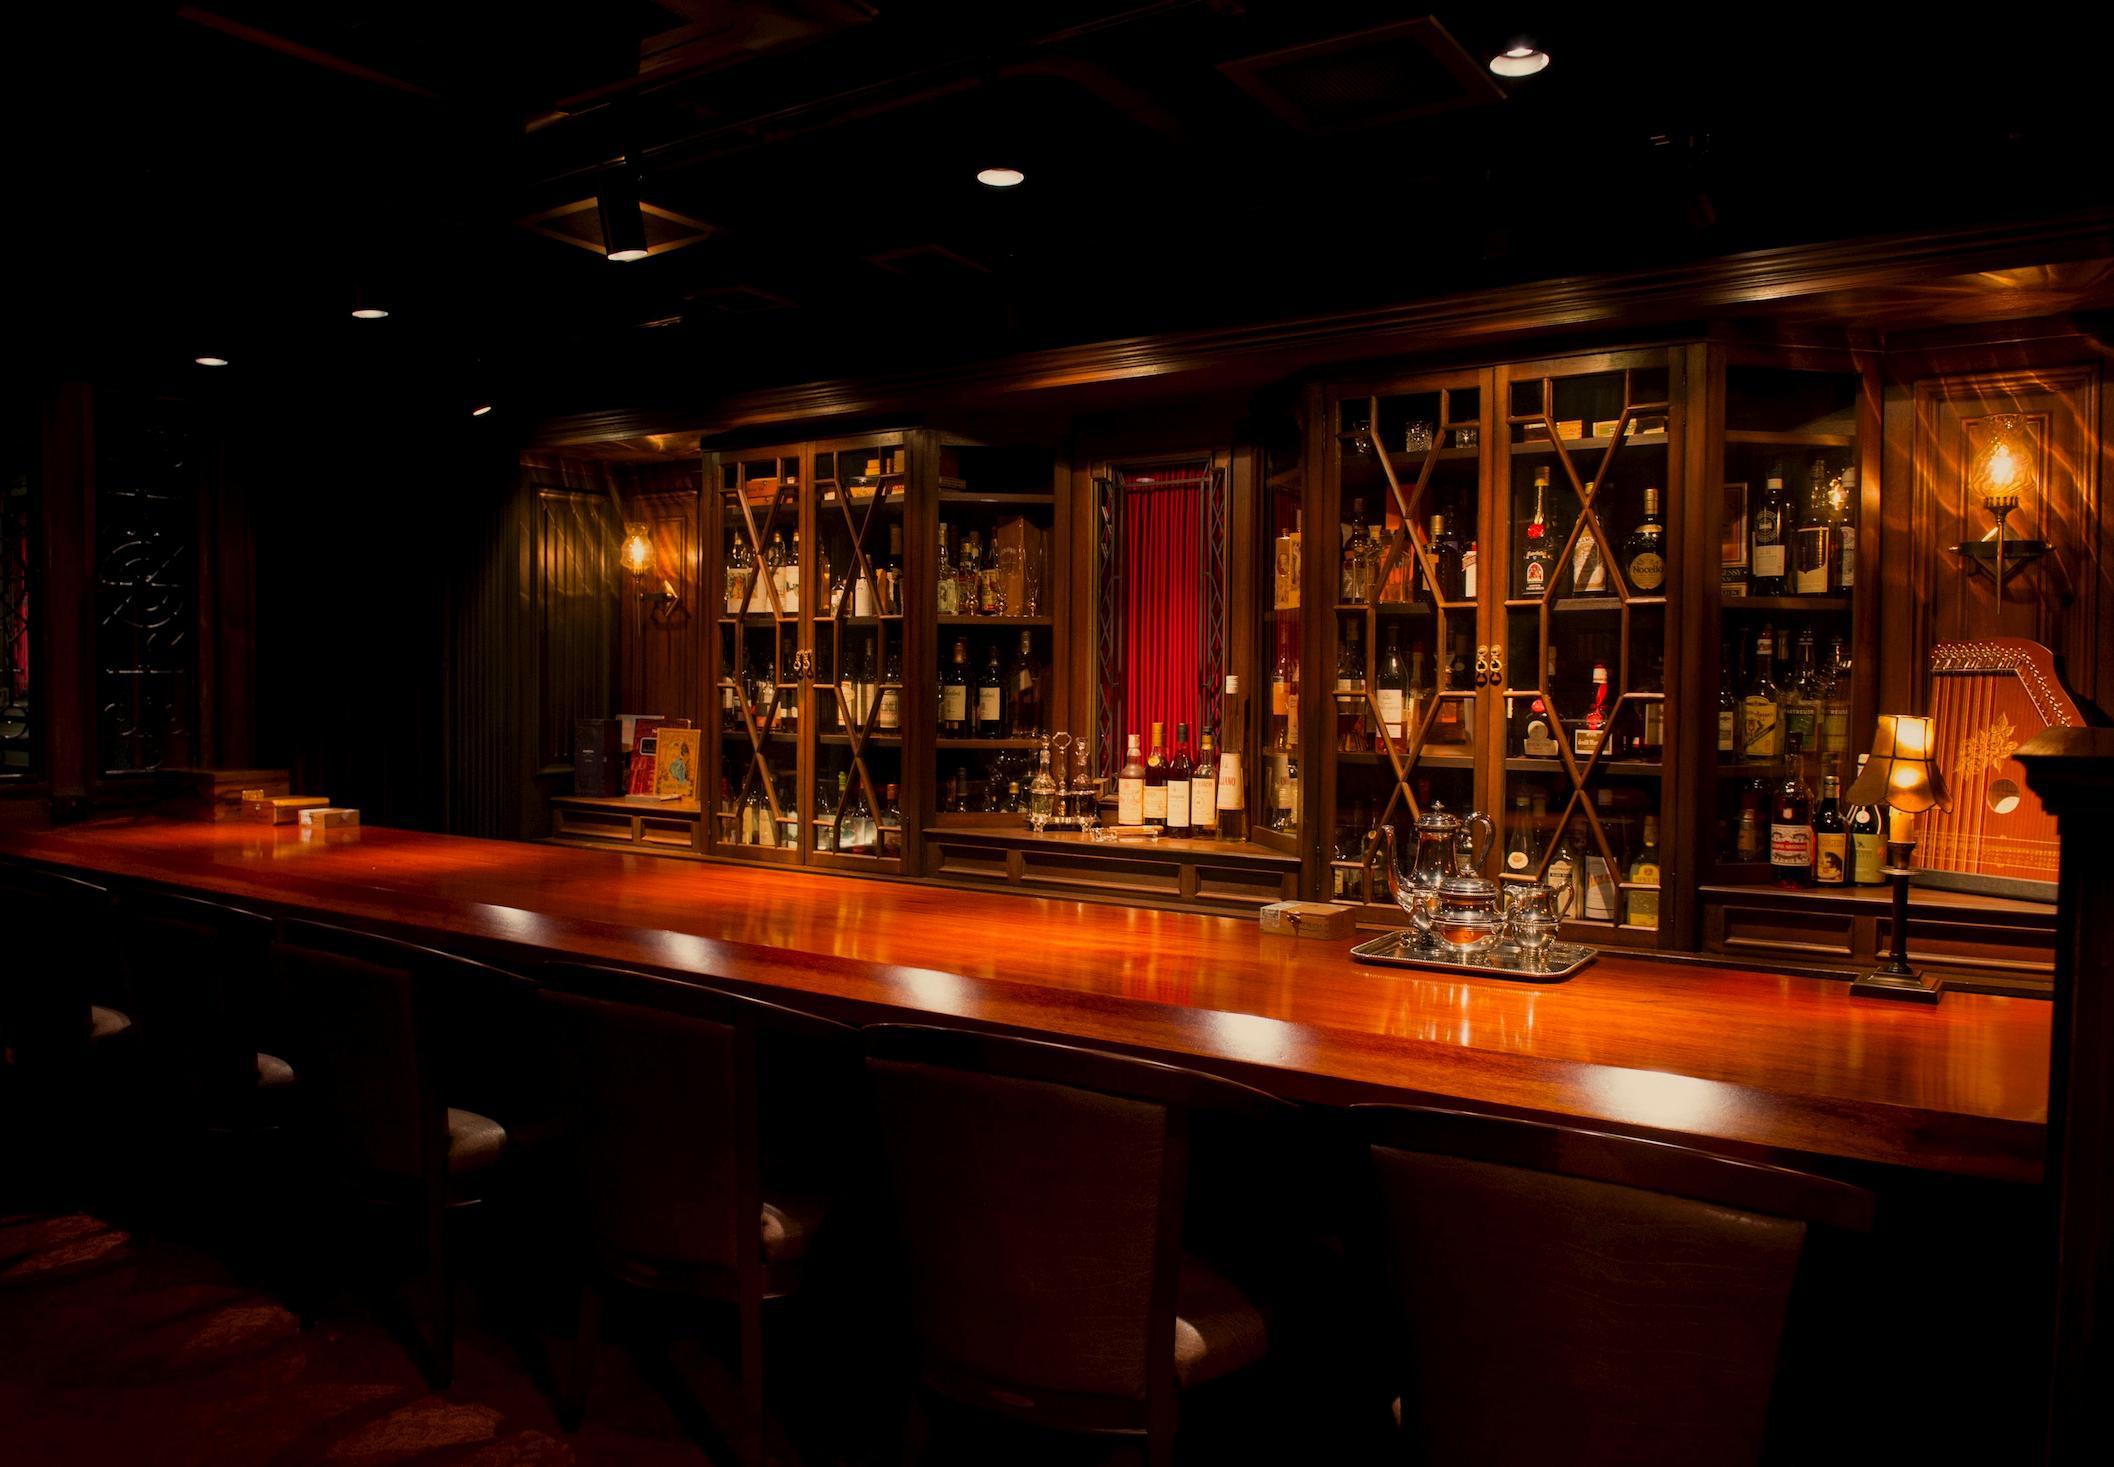 ソファー席がある渋谷のバーを紹介 Bar Navi